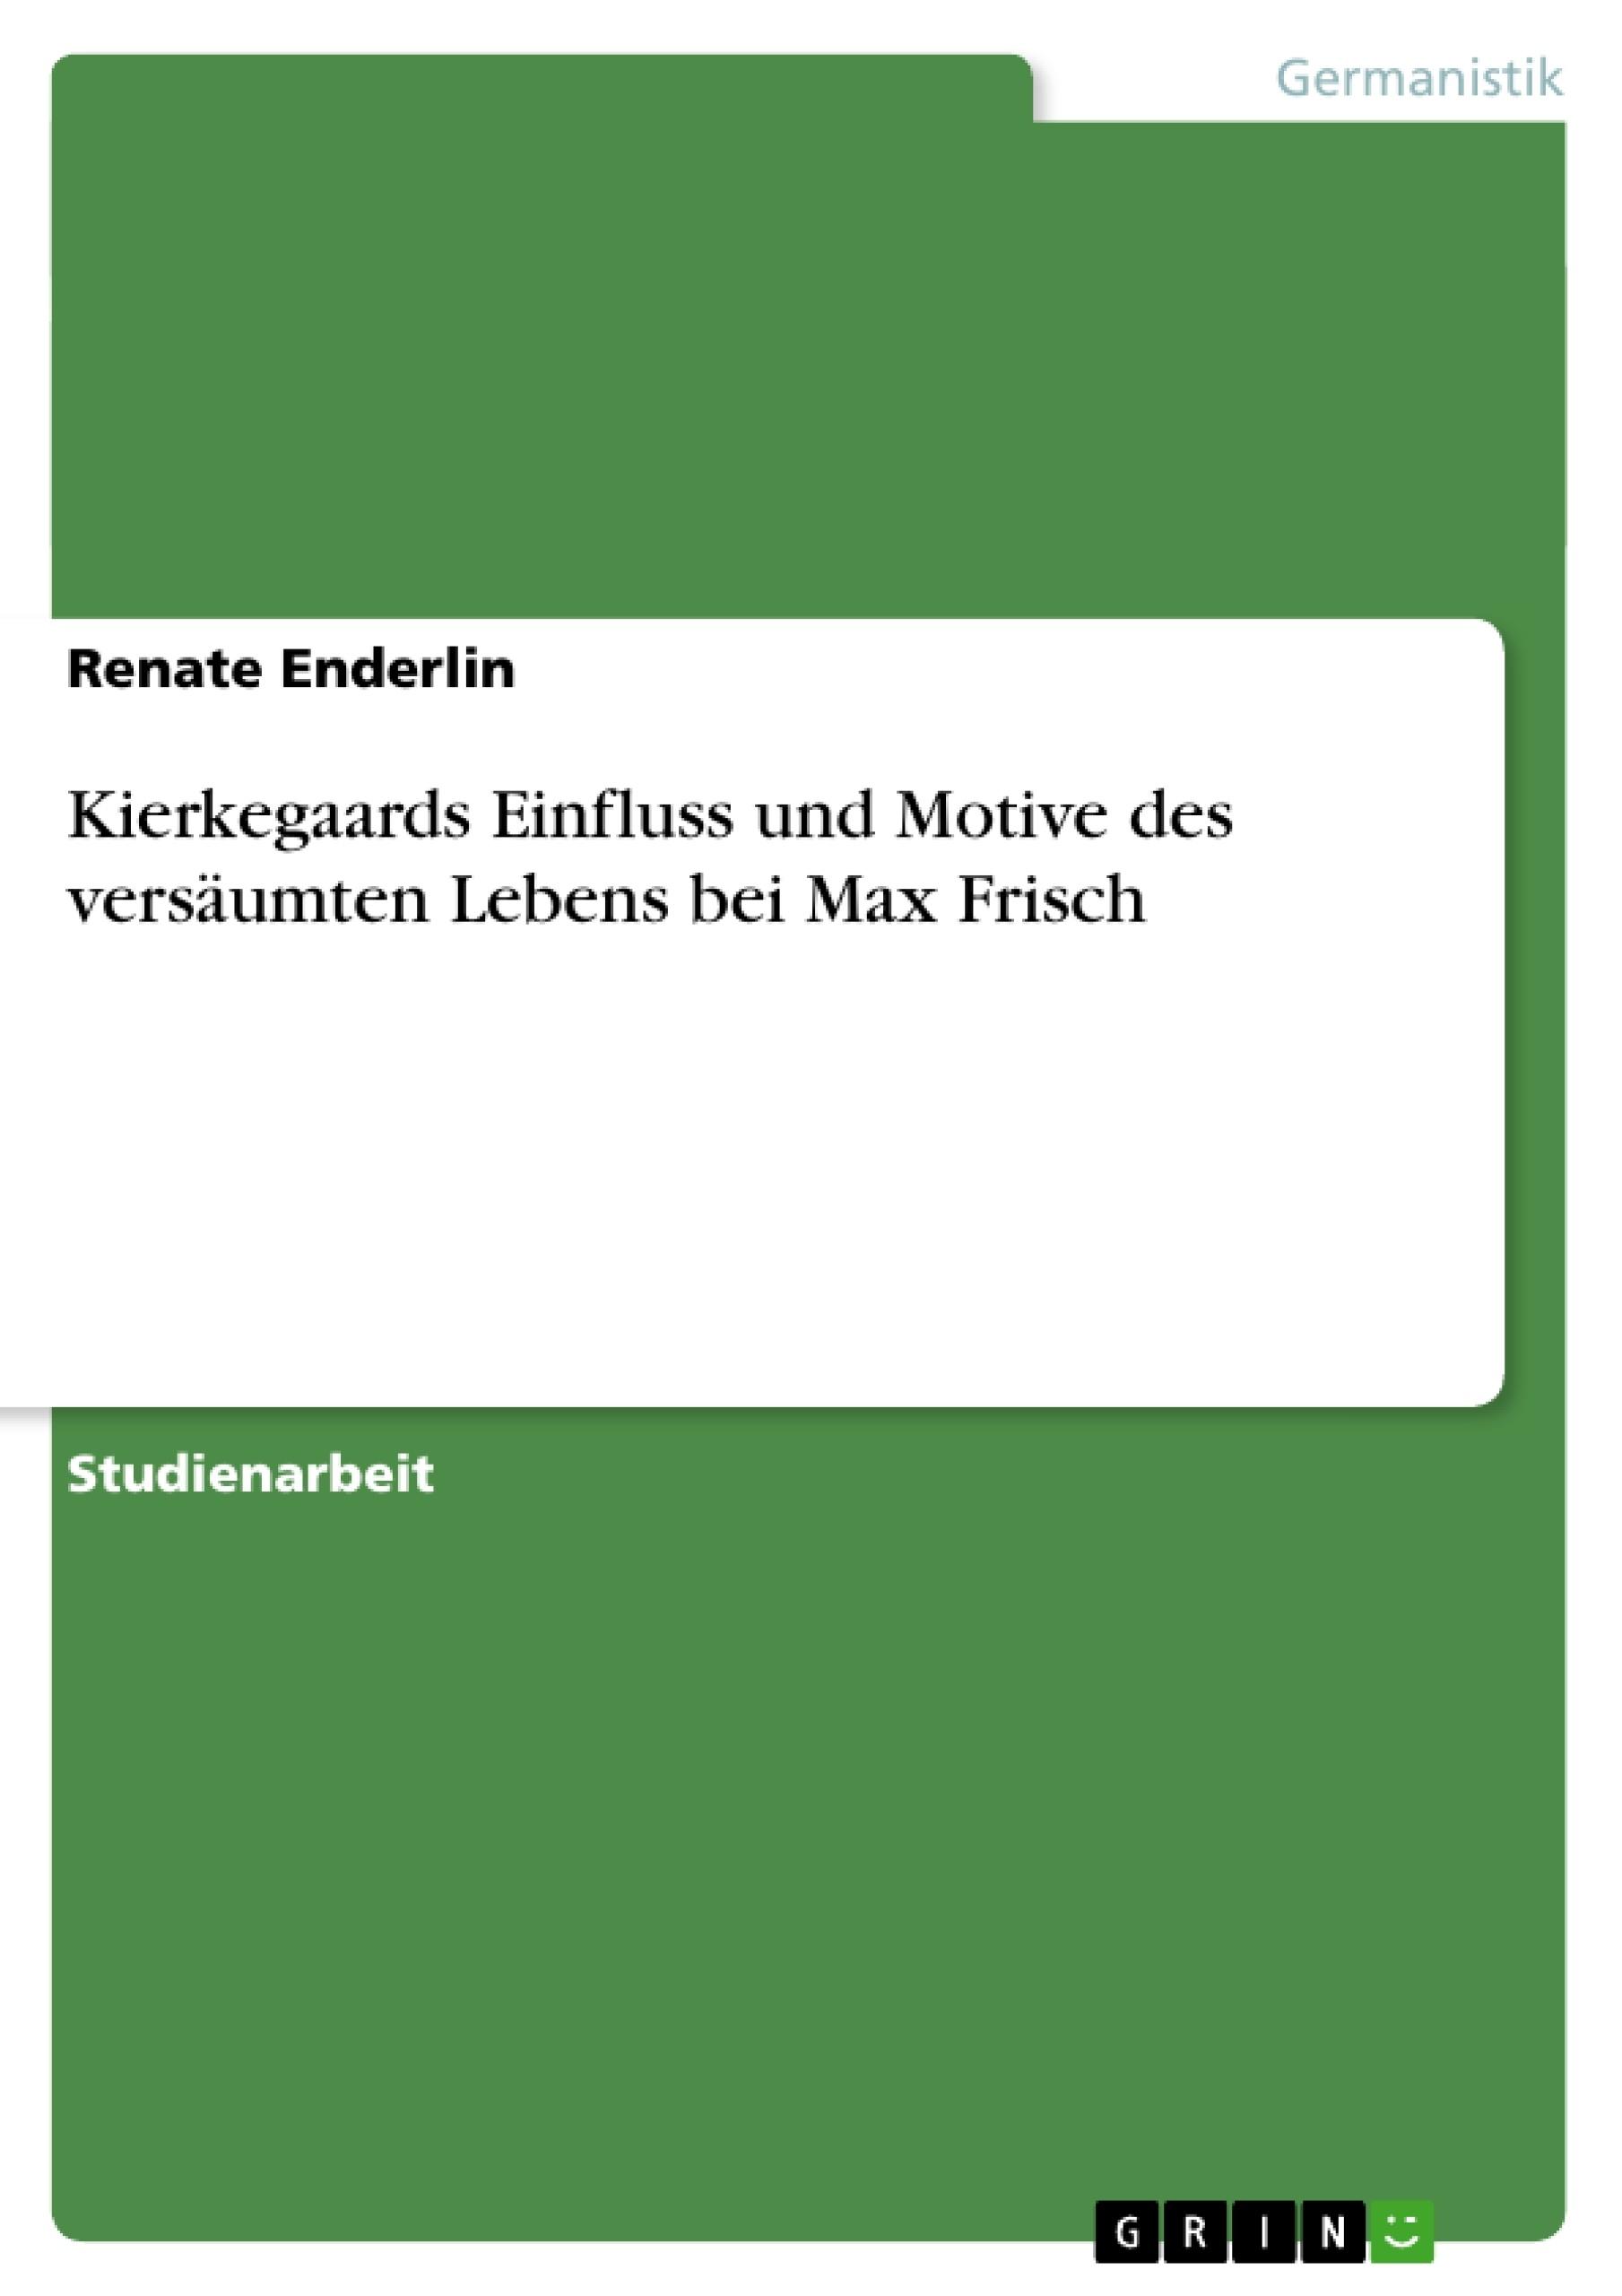 Titel: Kierkegaards Einfluss und Motive des versäumten Lebens bei Max Frisch